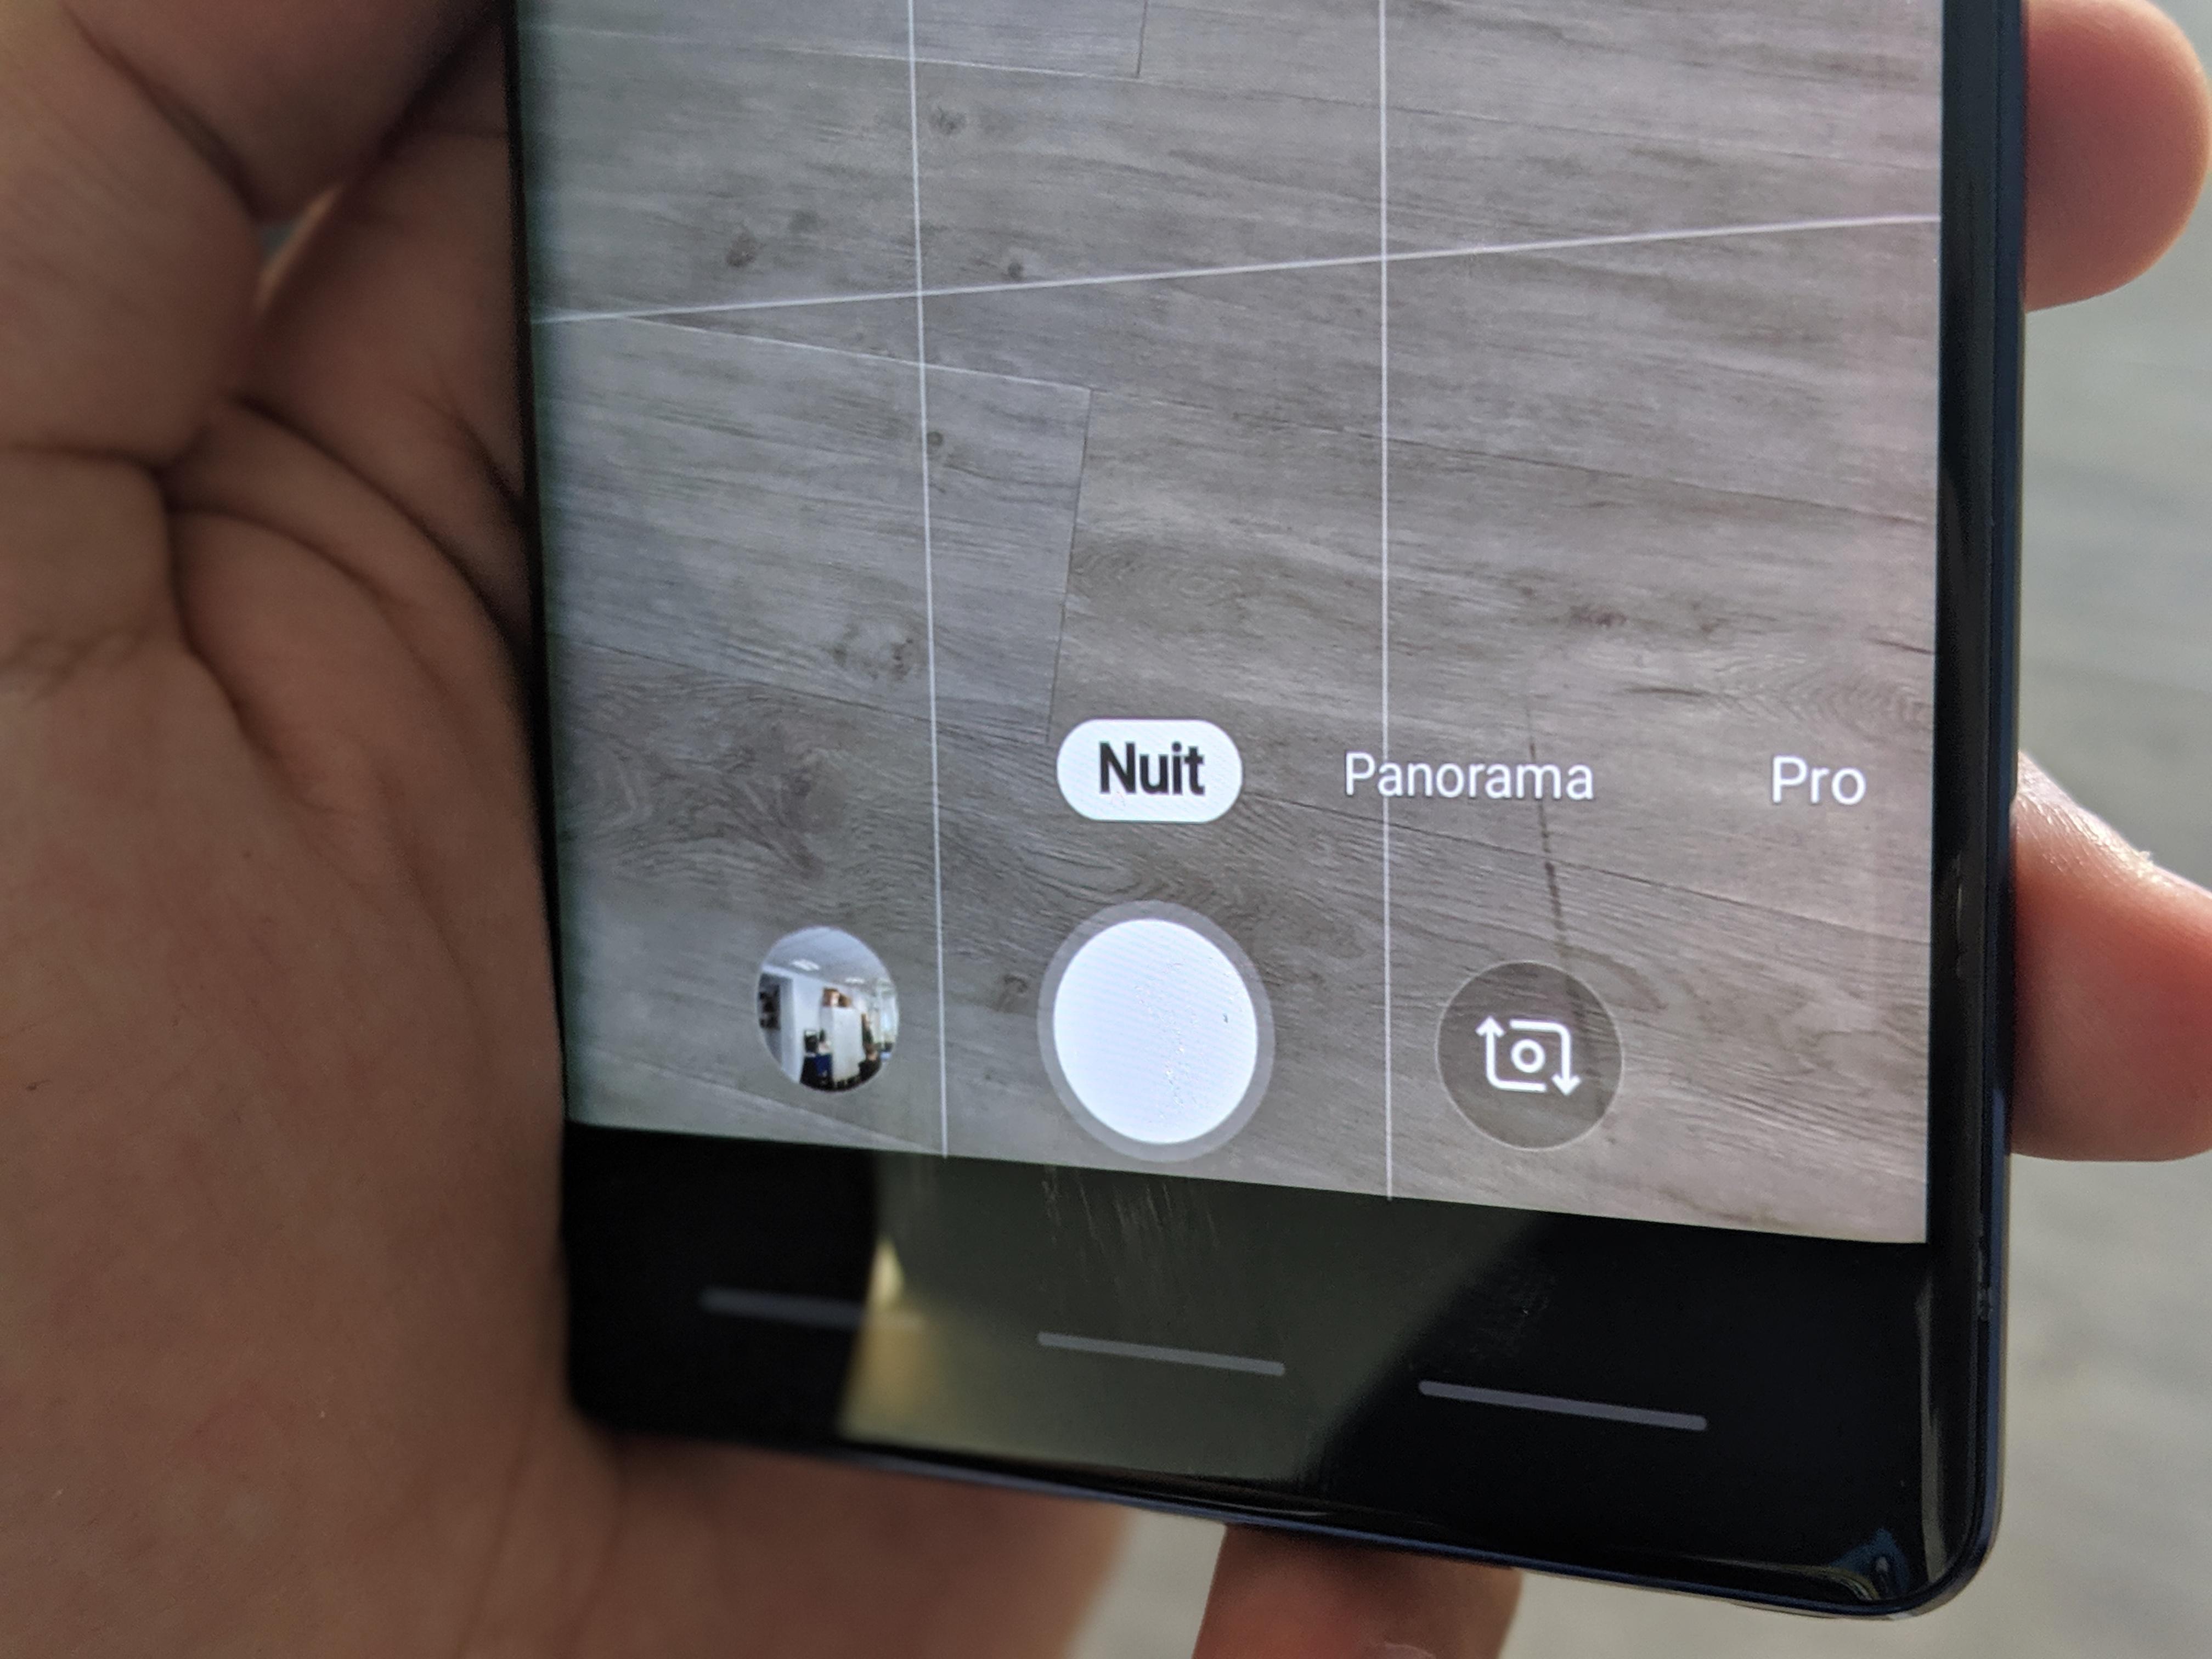 Samsung Galaxy S9 et Galaxy Note 9 : bug du mode Nuit pour certains modèles